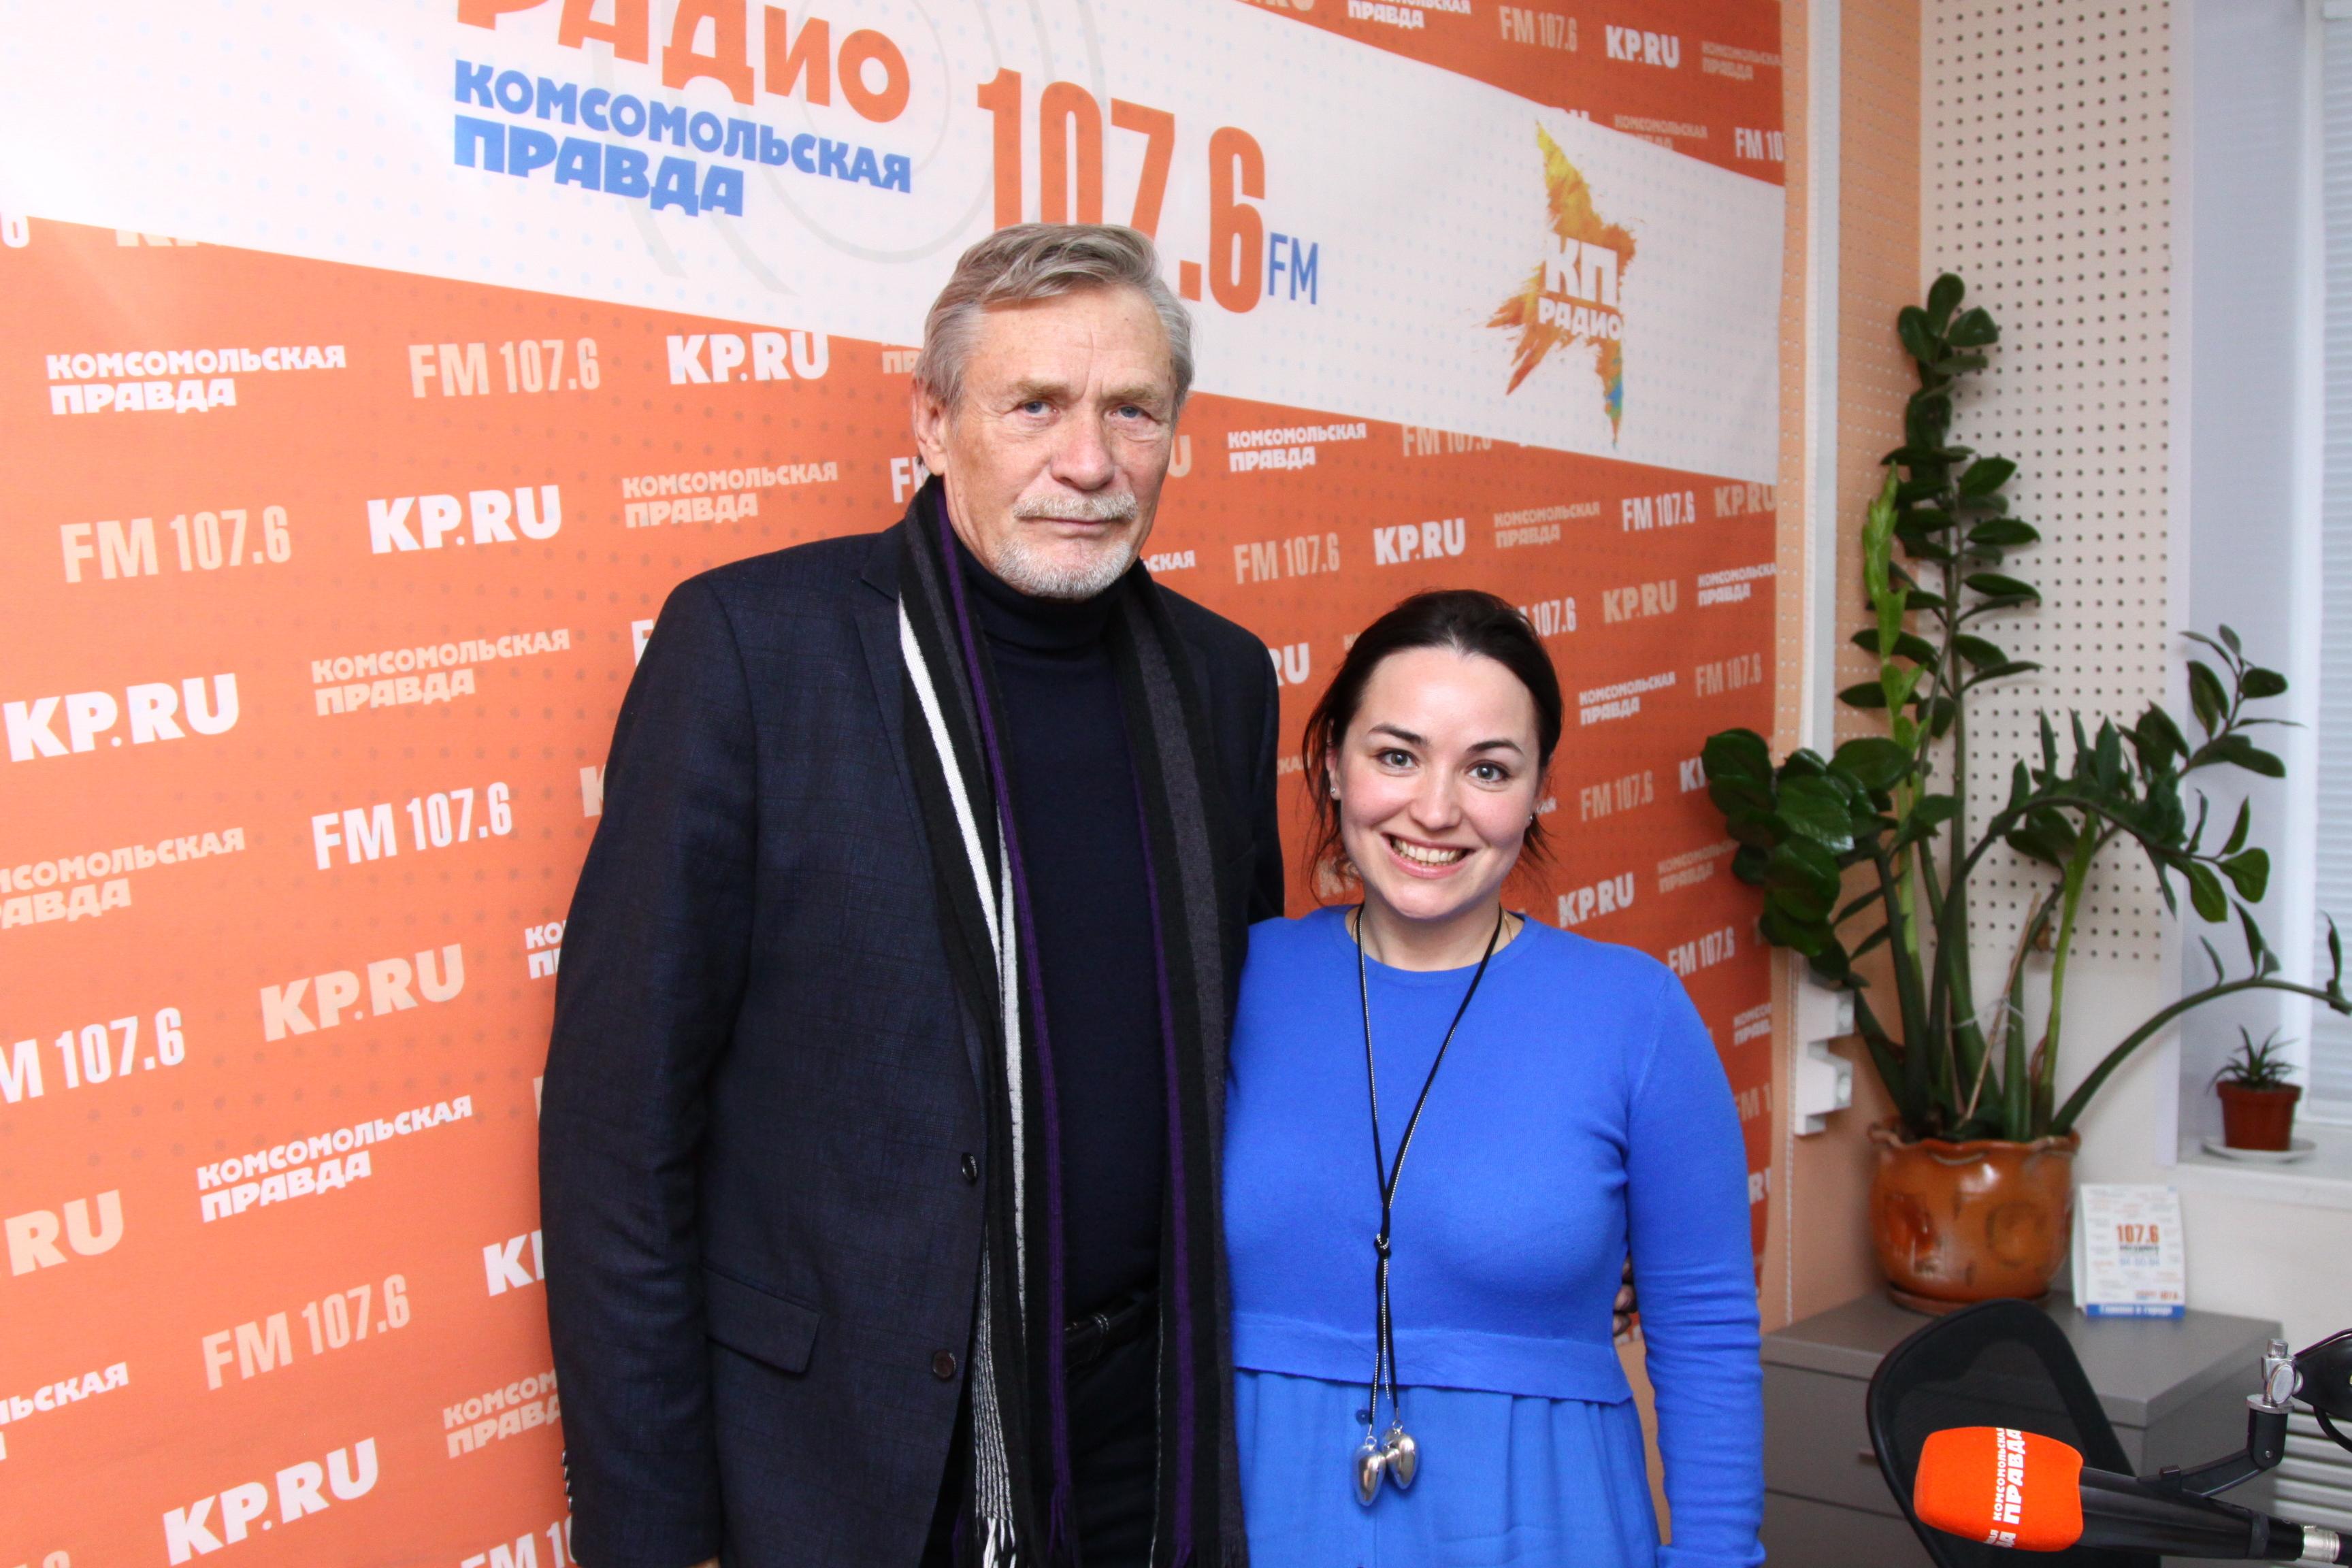 Народный артист России Александр Михайлов и ведущая Марина Мирлачева